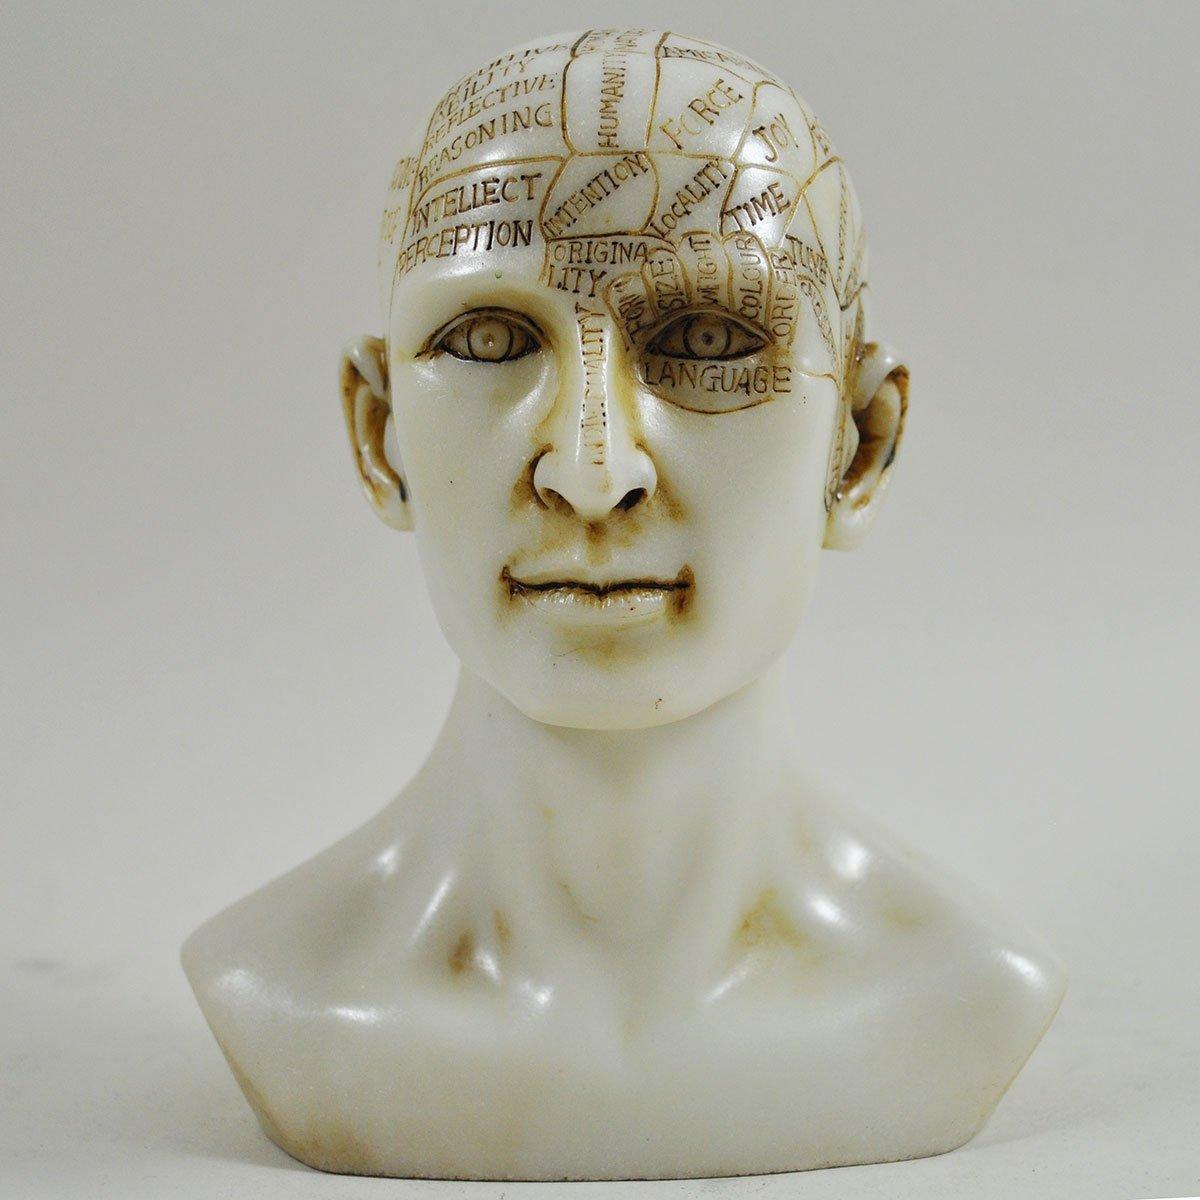 Testa per frenologia, statua decorativa in resina effetto marmo, accessorio medico, altezza 15 cm Fiesta Studios